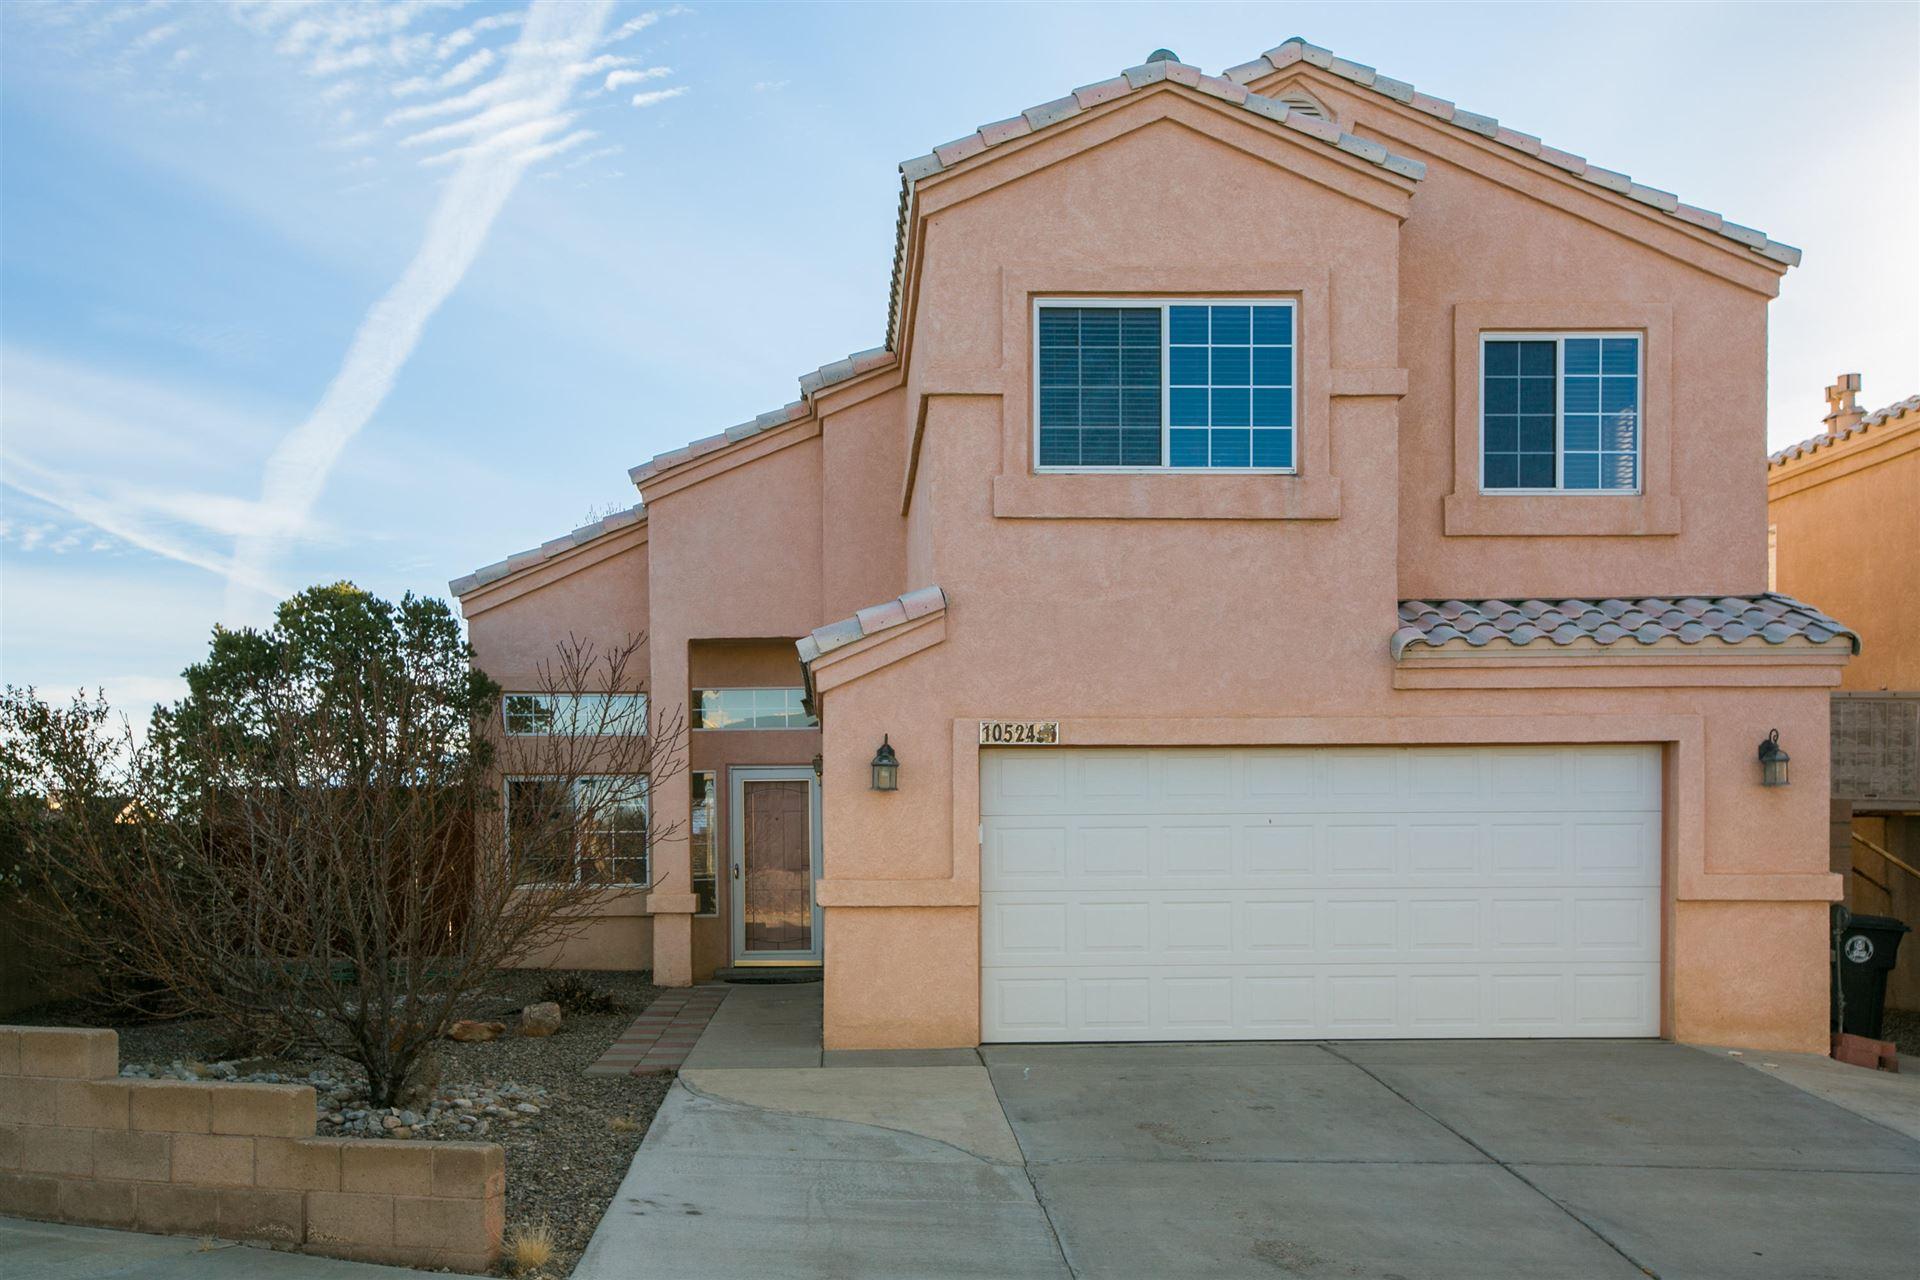 10524 CASSIOPEIA Street NW, Albuquerque, NM 87114 - MLS#: 985027